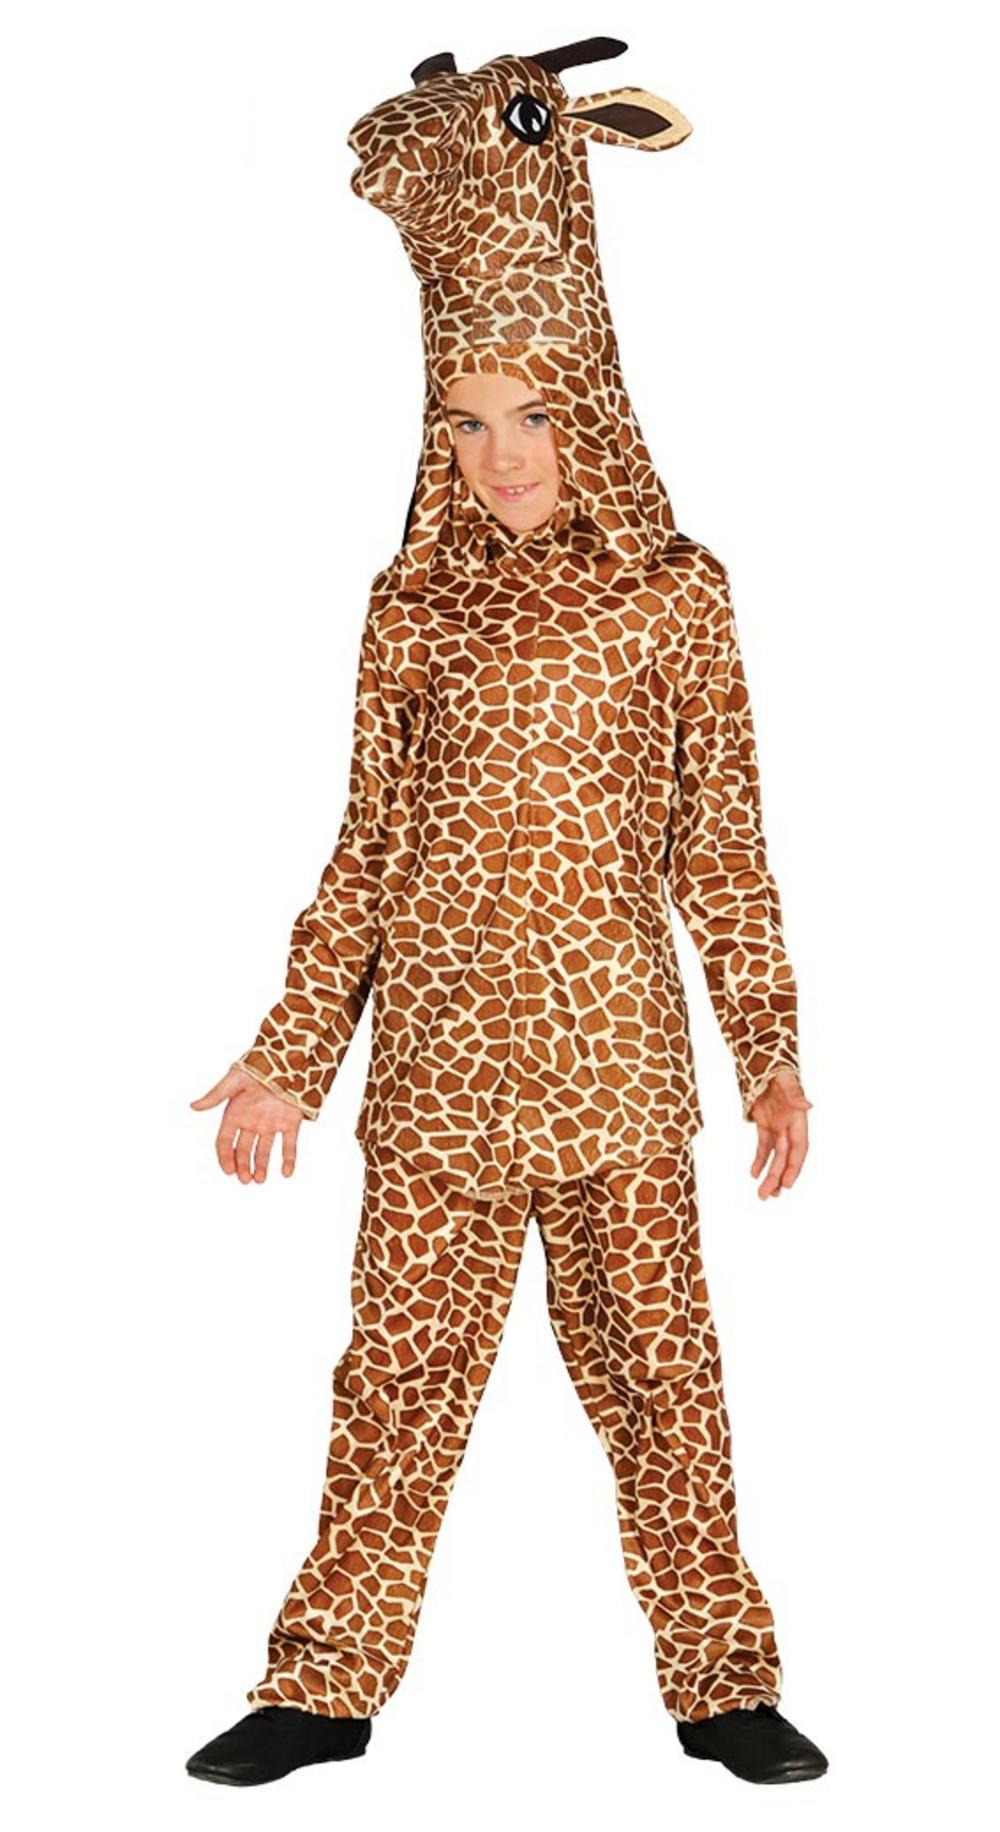 Childrens Giraffe Costume